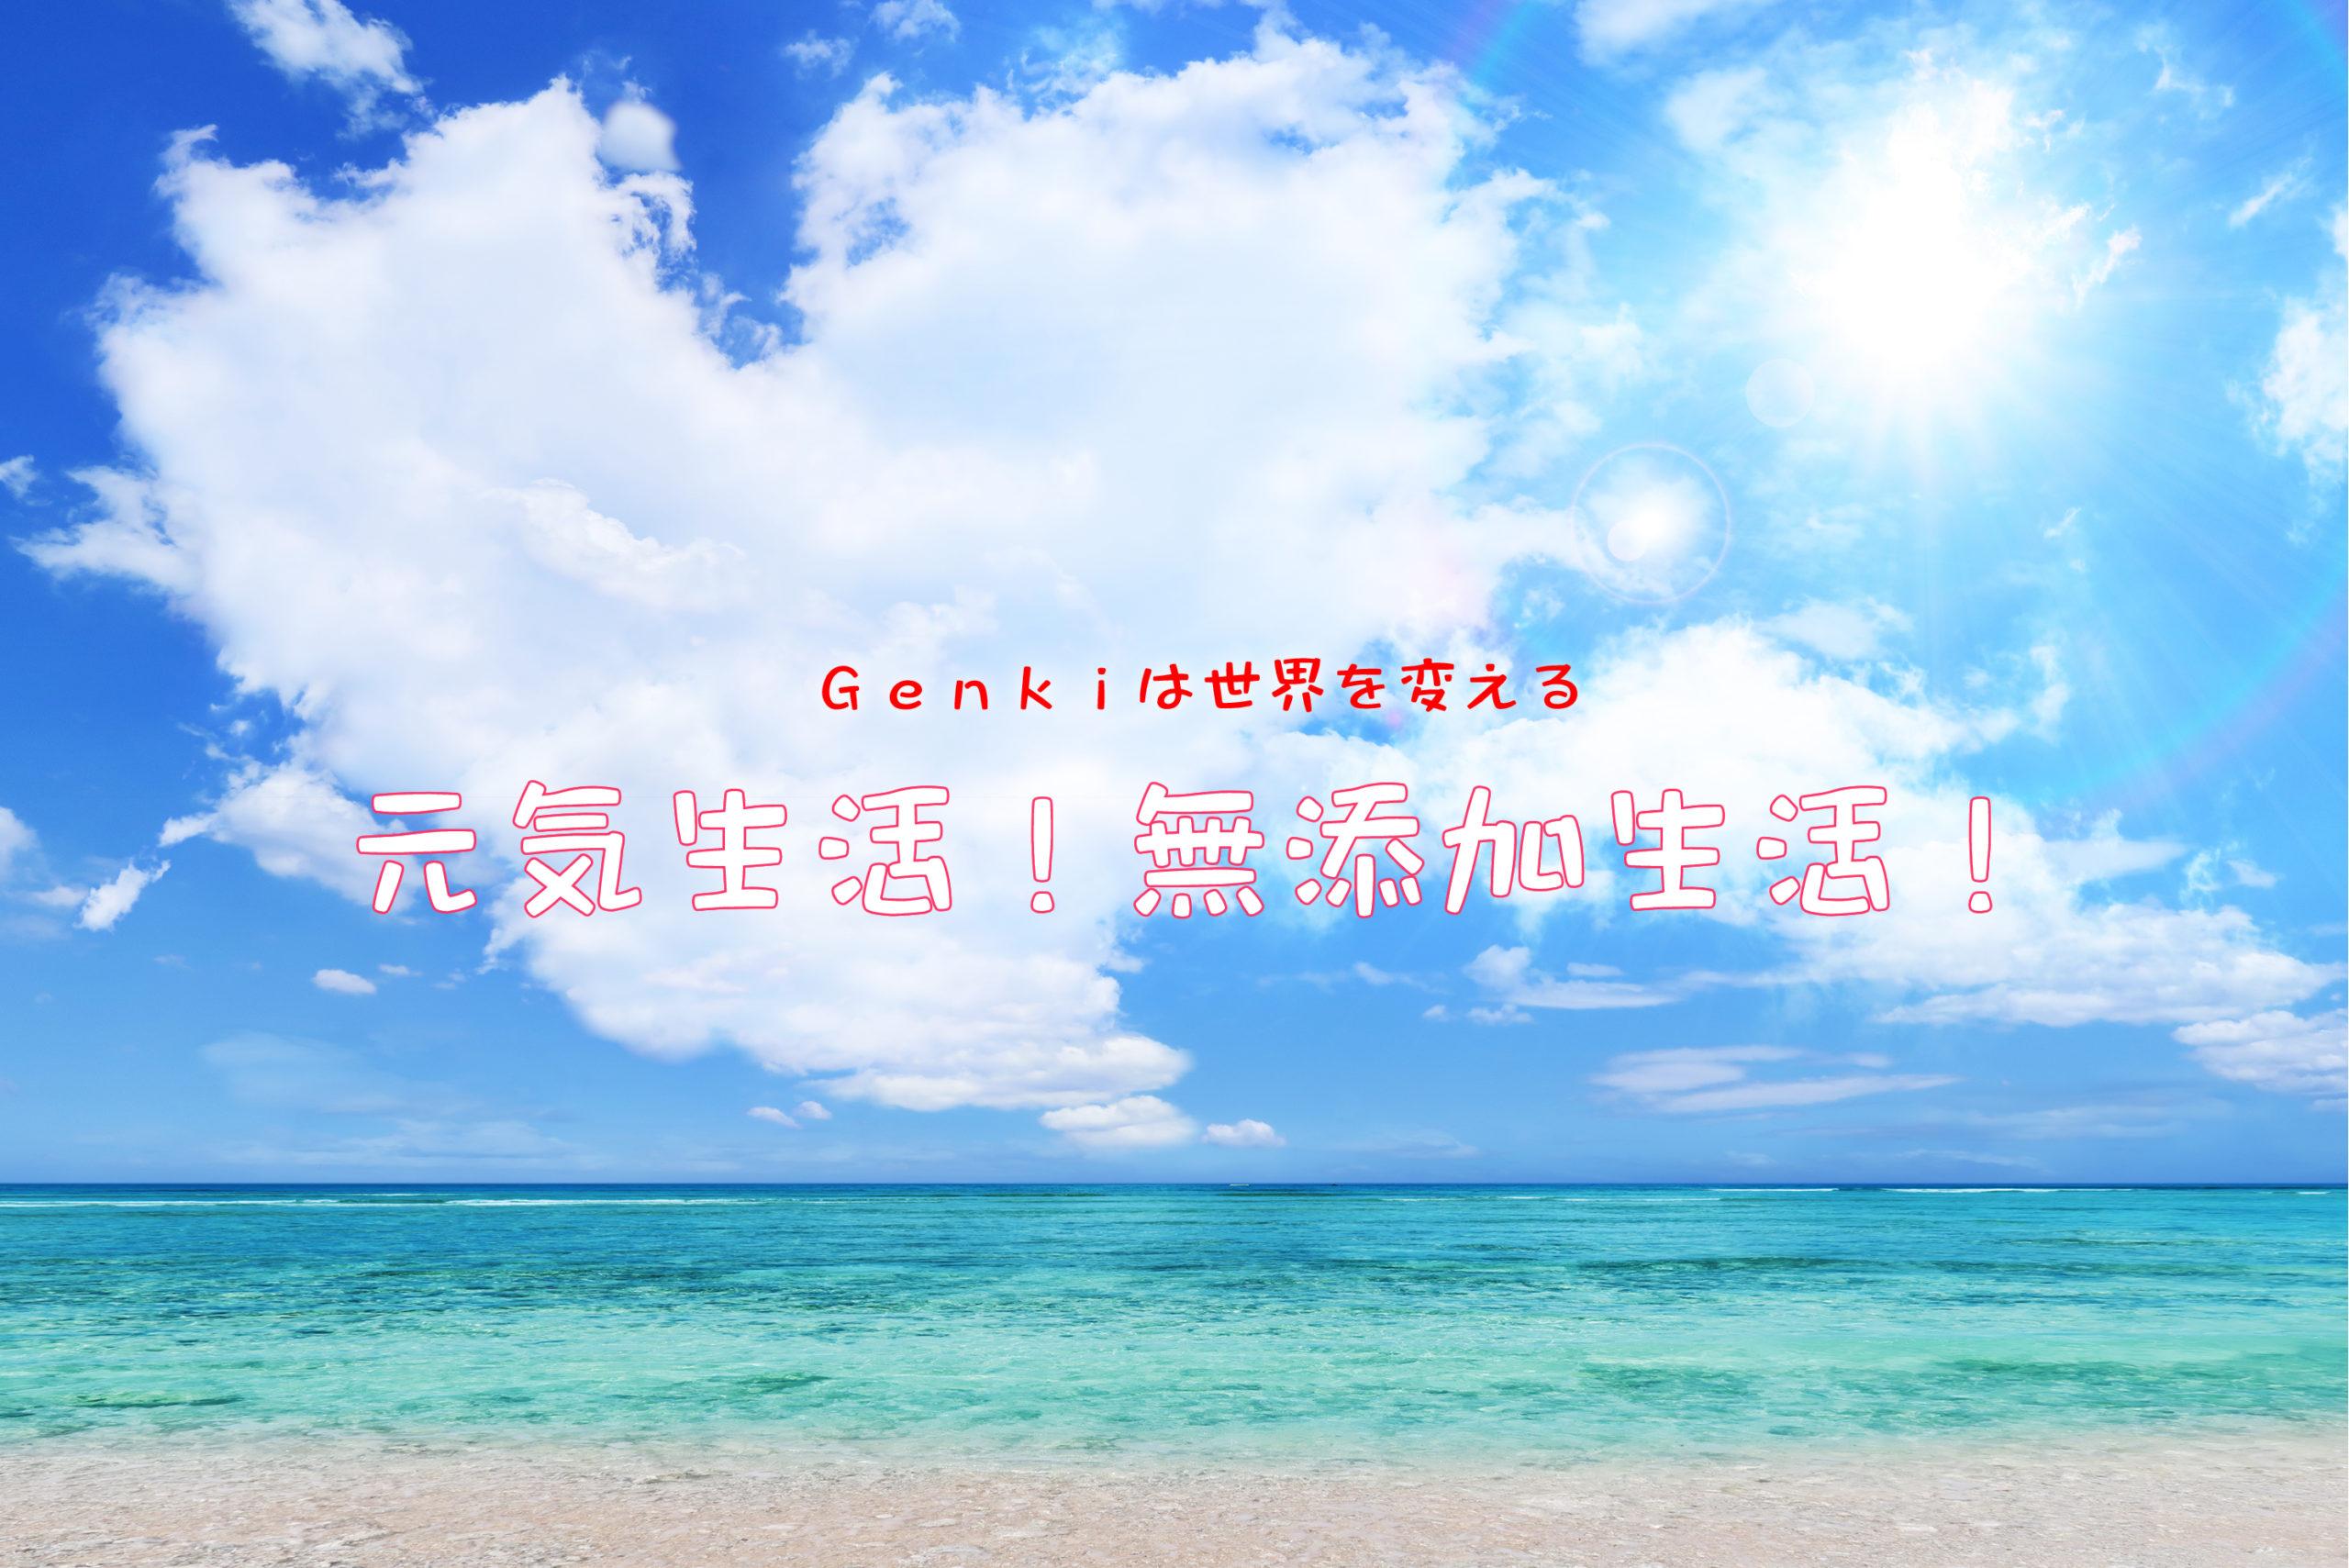 元気生活!無添加生活!Genkiは世界を変える!